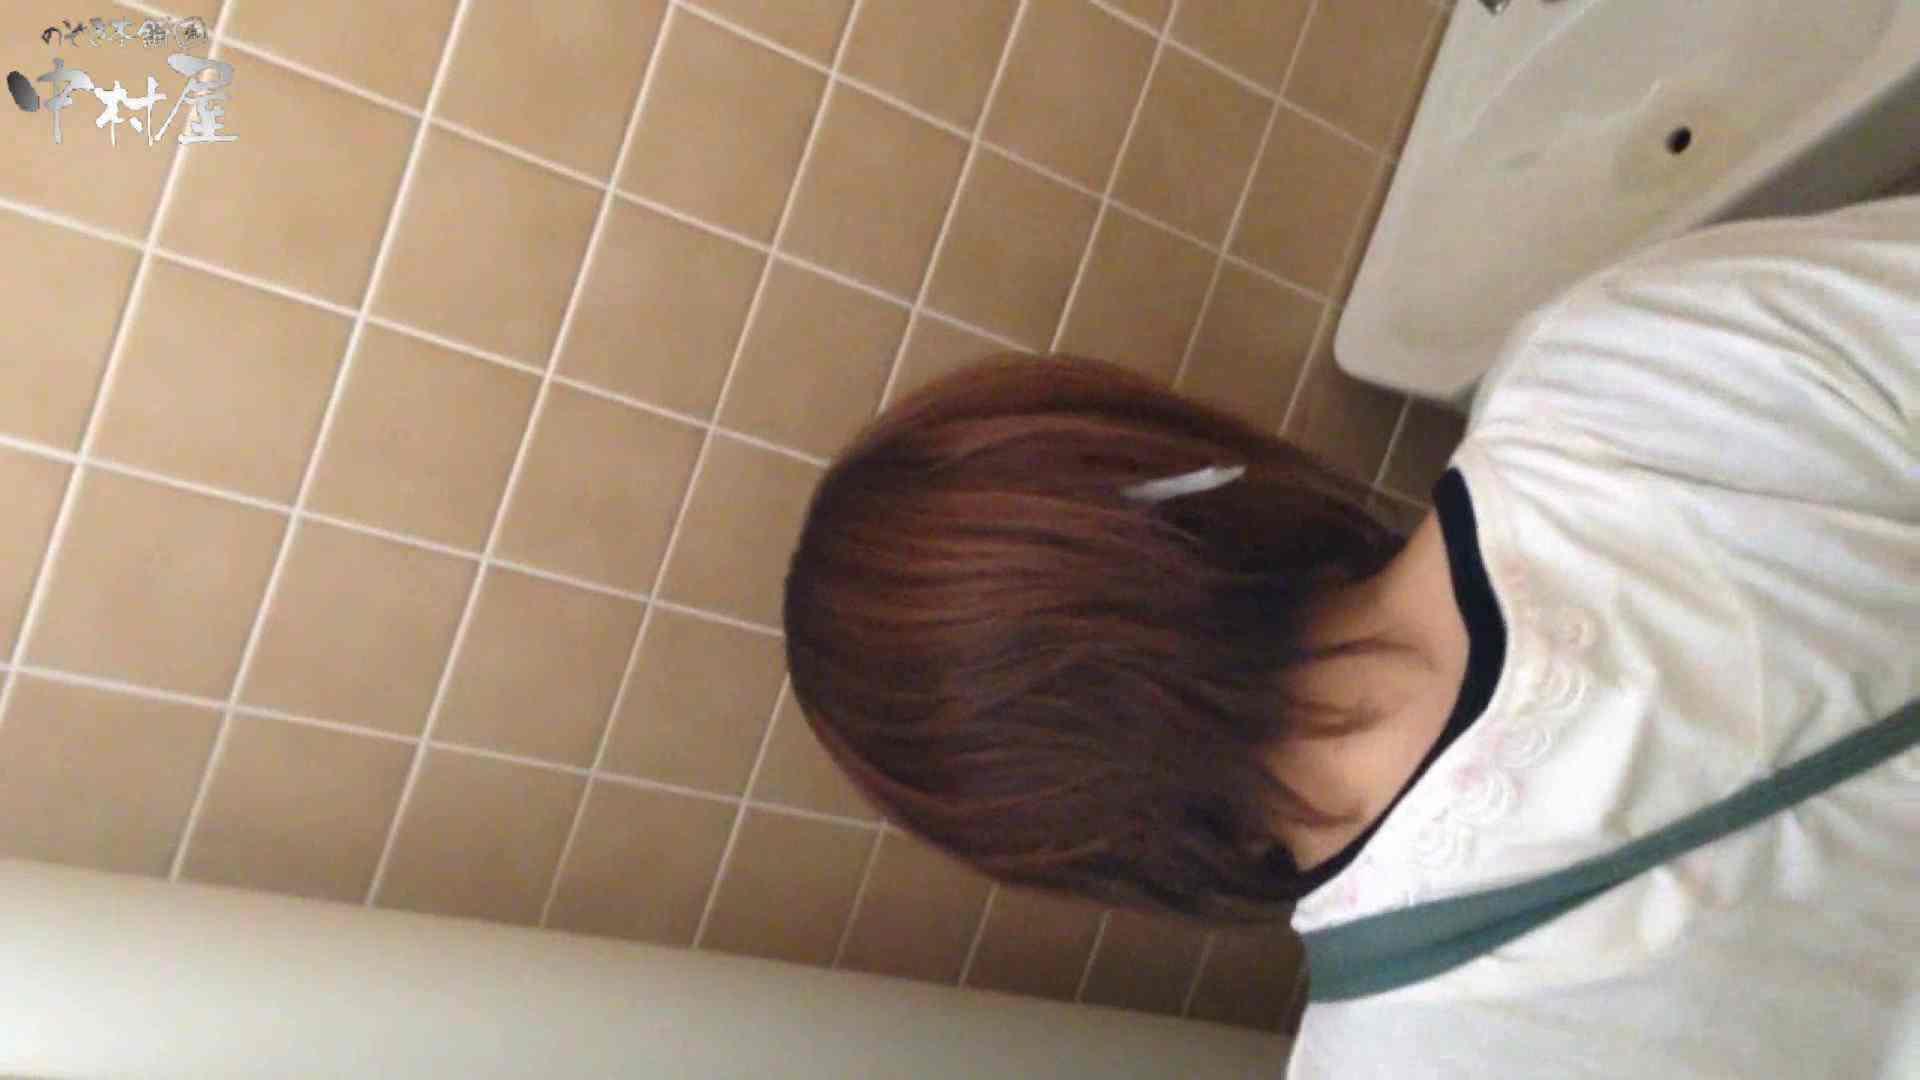 部活女子トイレ潜入編vol.5 OLセックス   盗撮  69画像 36